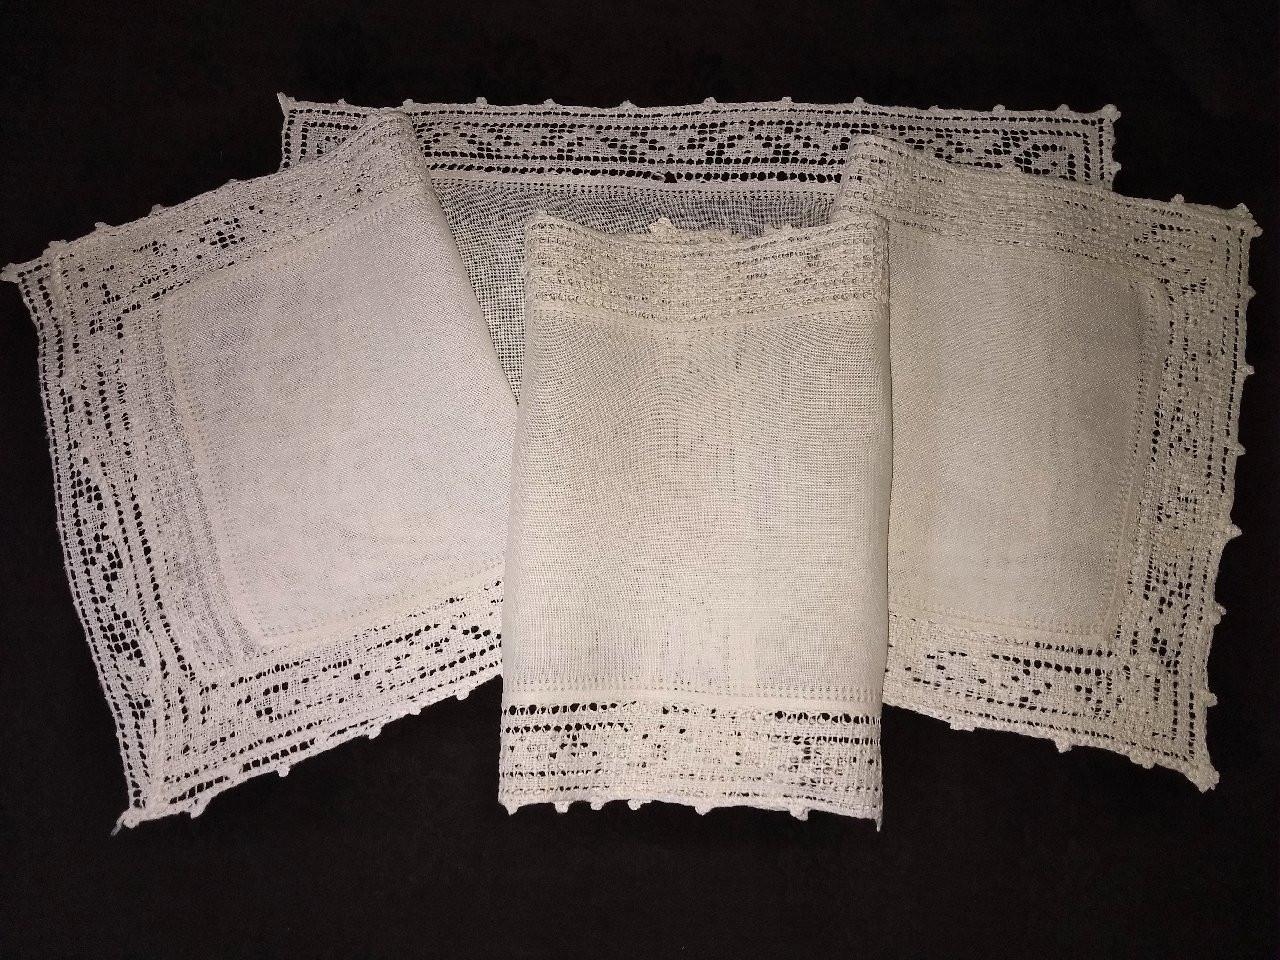 4 Antique Linen Placemats Hand Crochet Filet Lace Edging 1920 1930